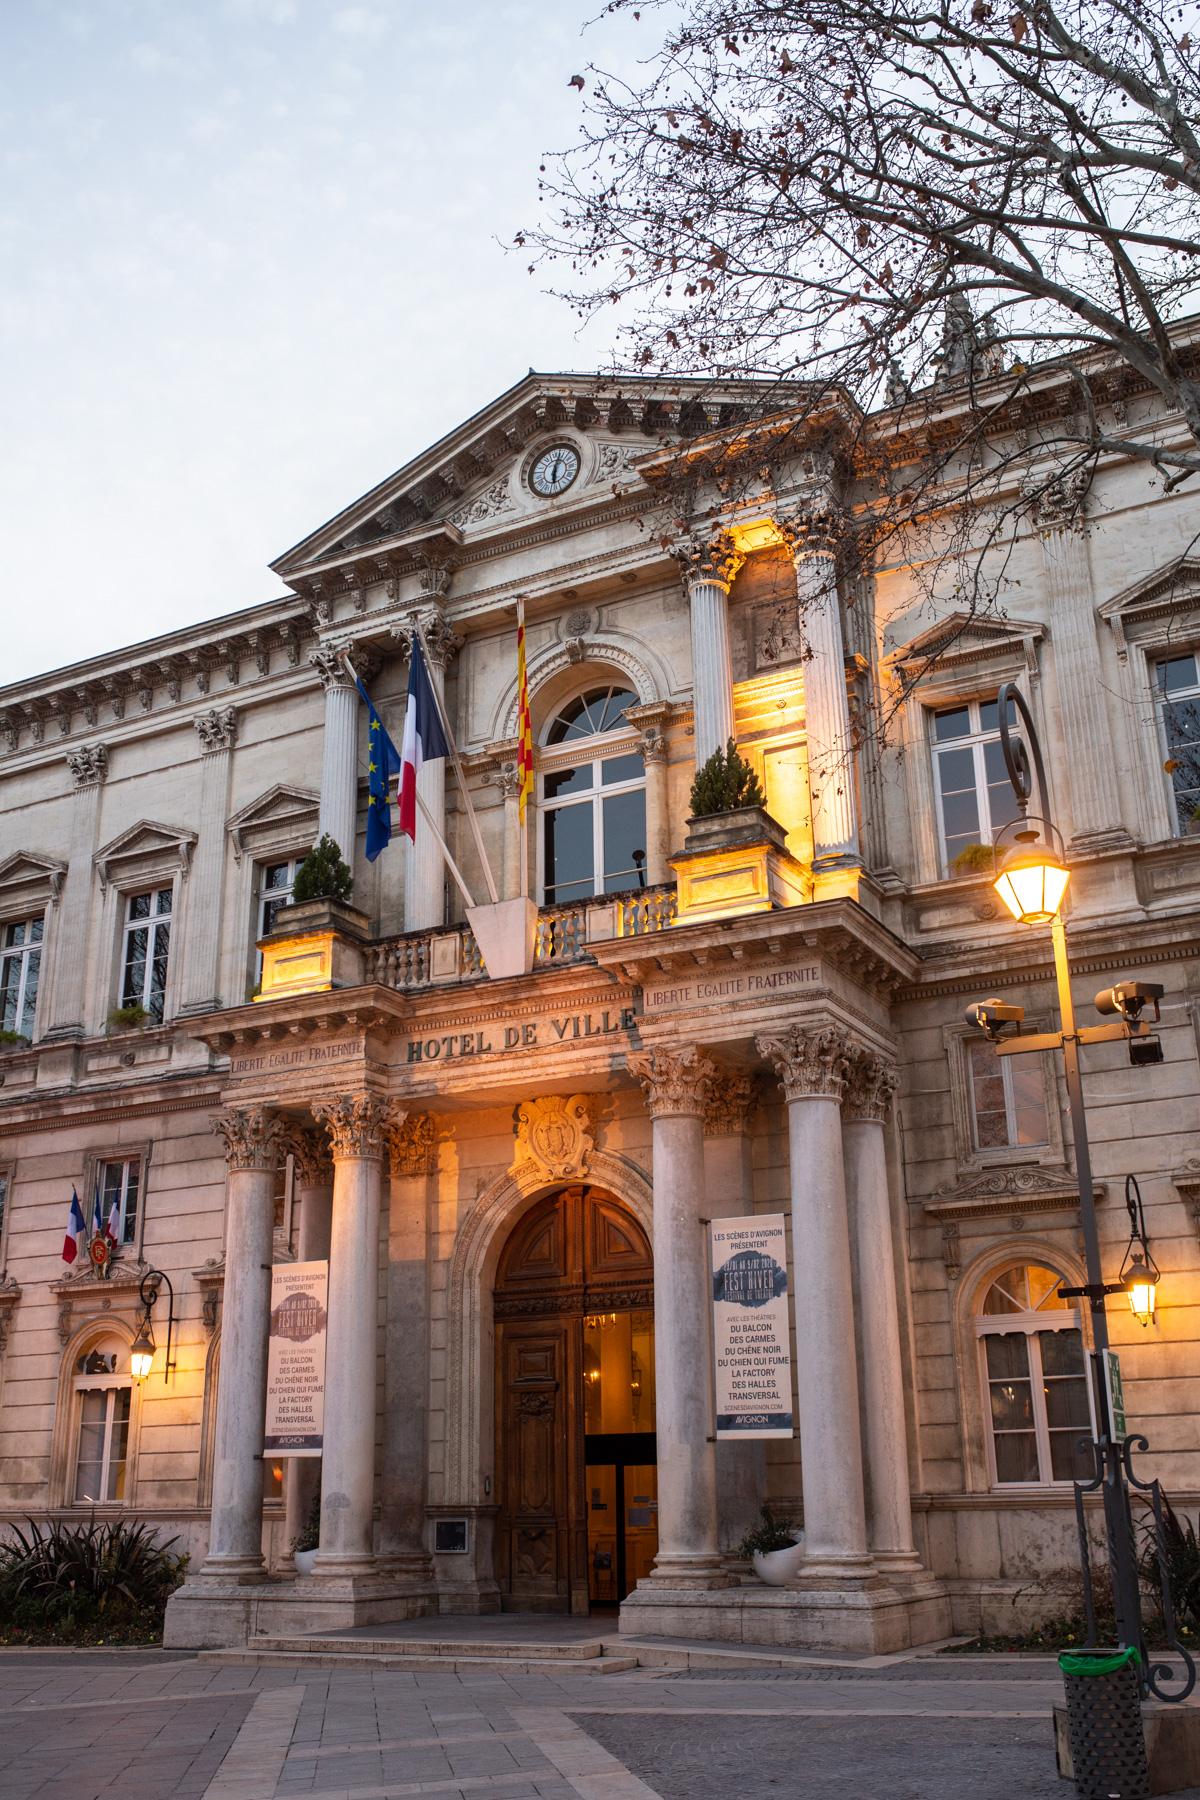 Stacie Flinner Guide to Avignon France-3.jpg